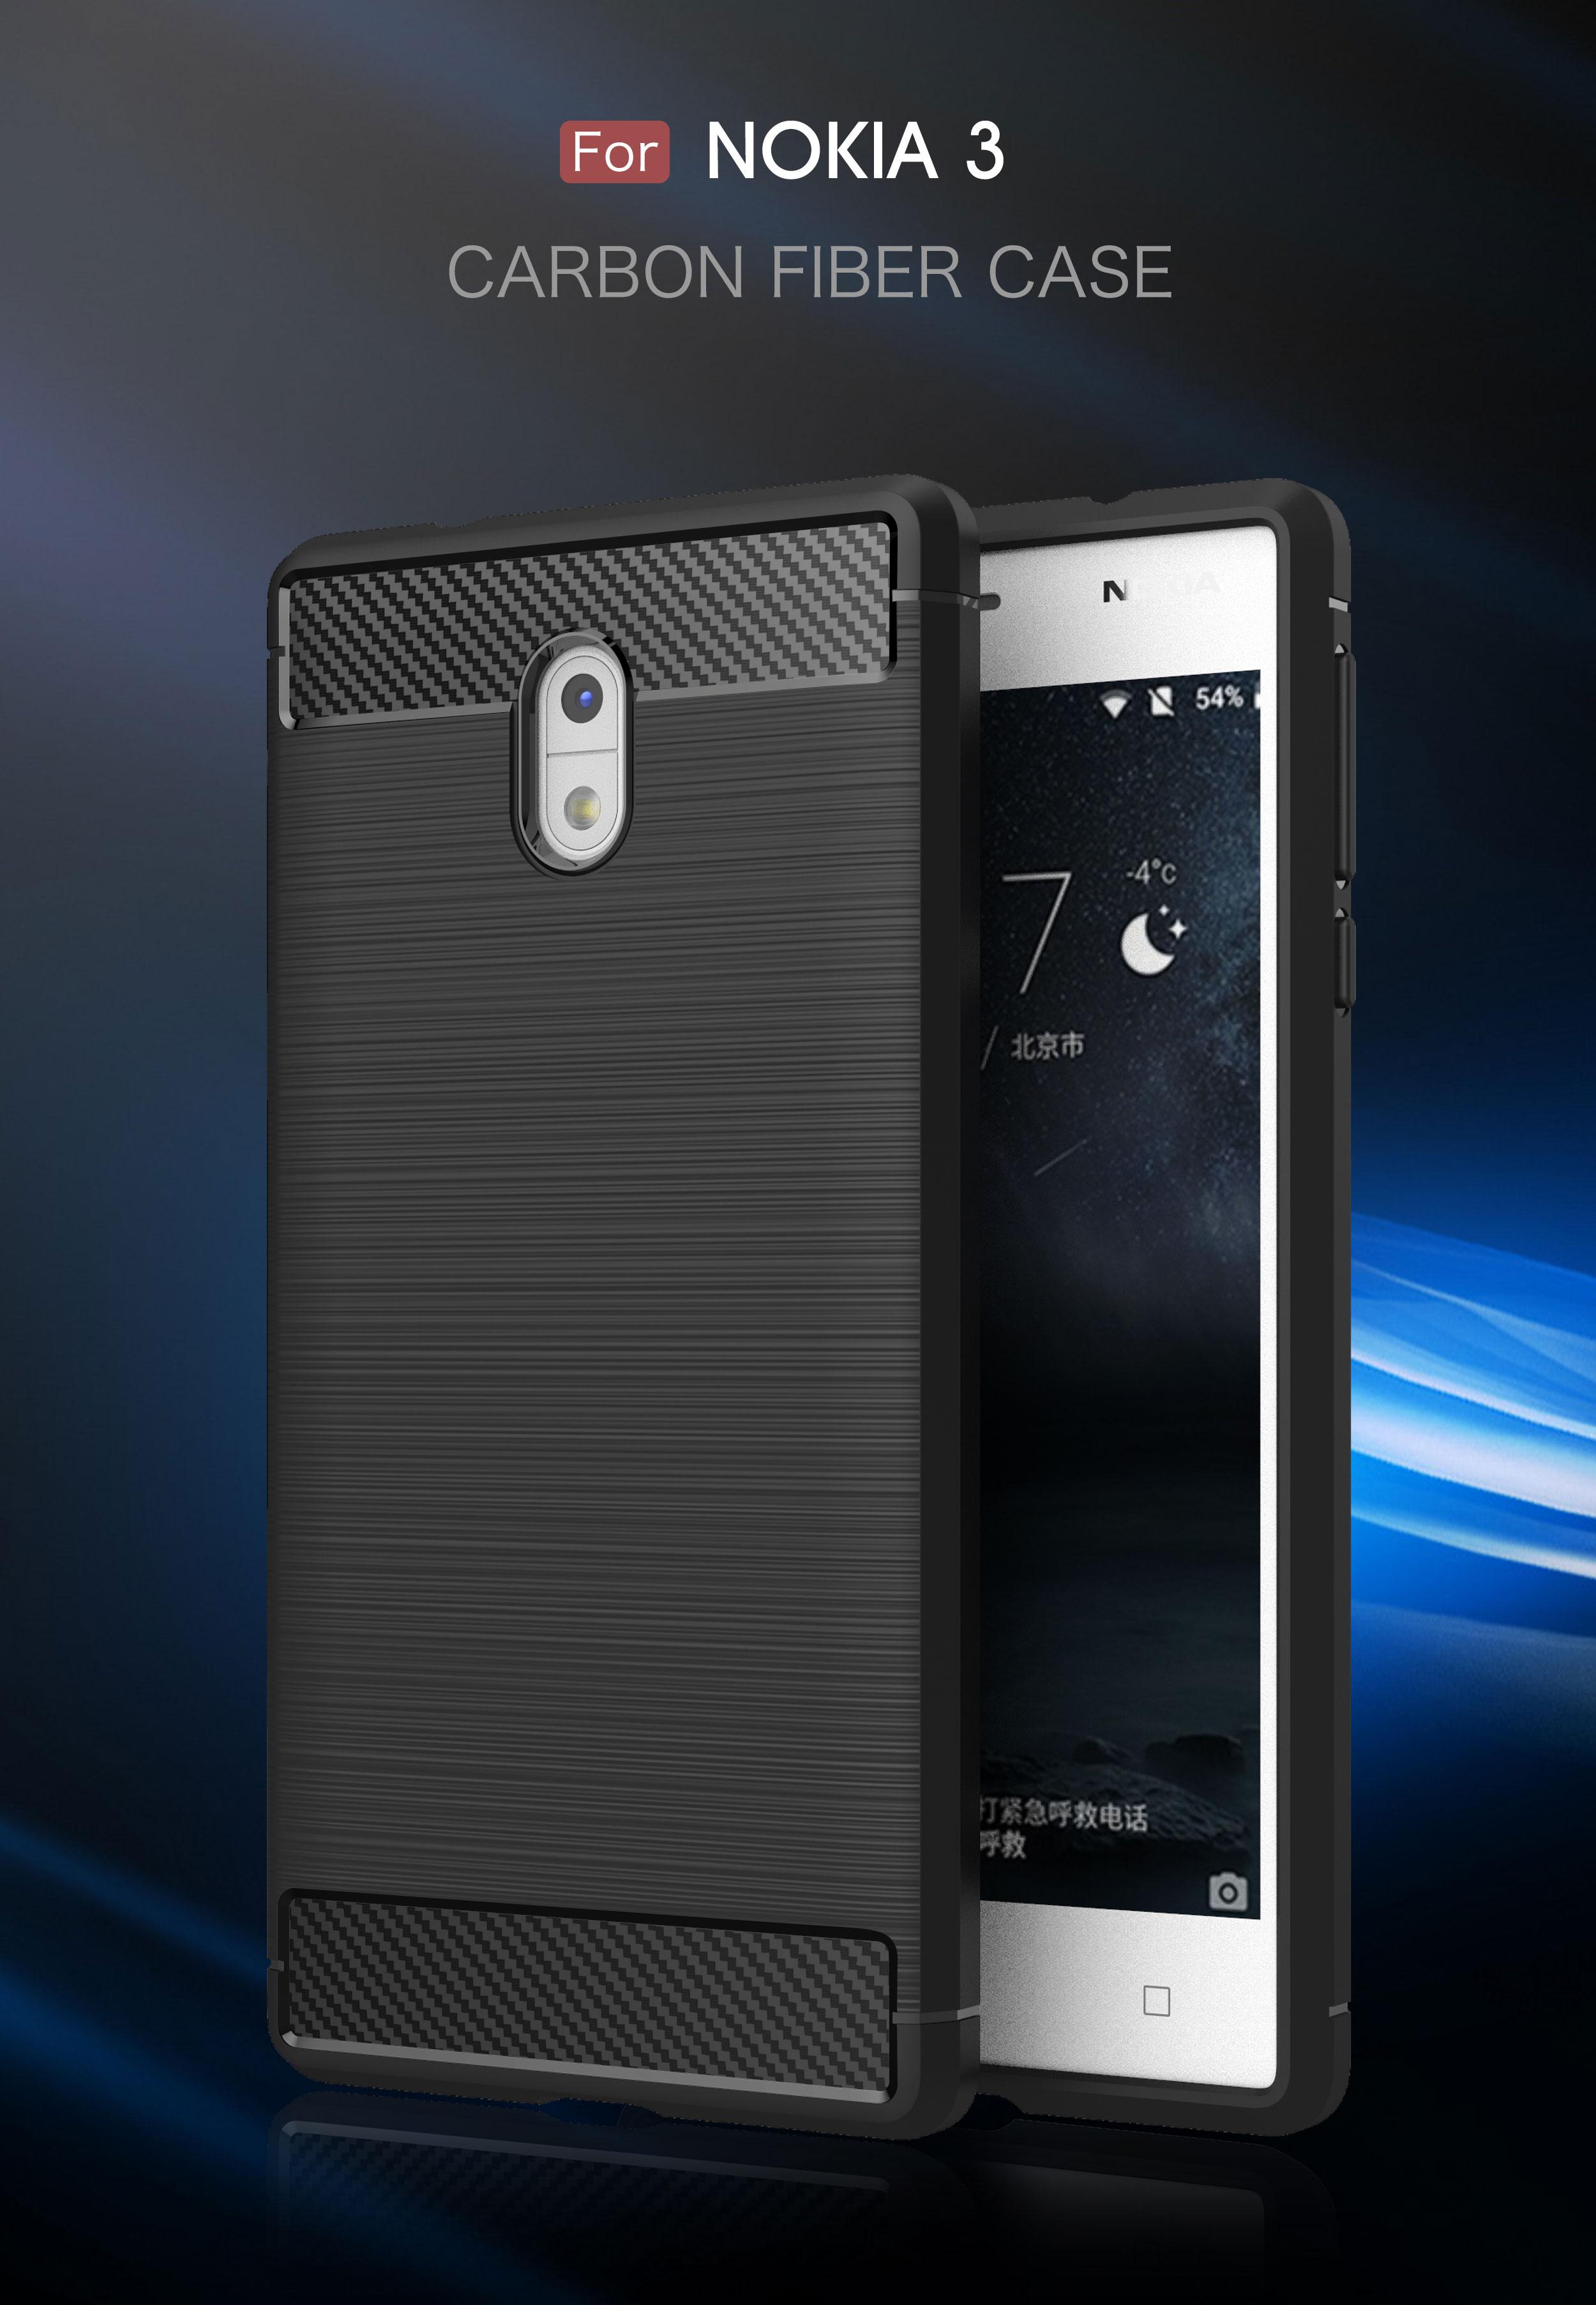 Soft Silicone Carbon Fiber Case for etui Nokia 3 ta-1032 Dual Sim Slim TPU Back Cover Nokia-3 Mobile Phone Case for Nokia3 Coque